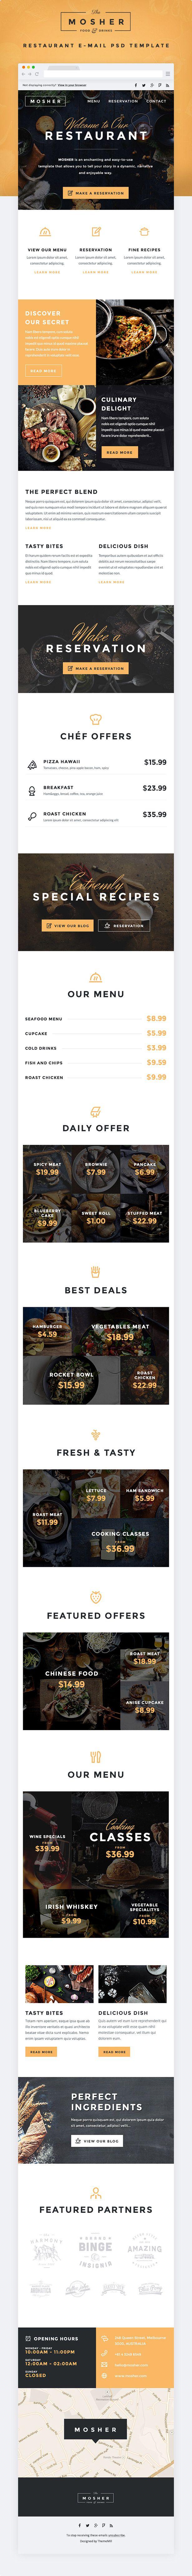 Mosher - Restaurant E-newsletter PSD Template | Newsletter templates ...